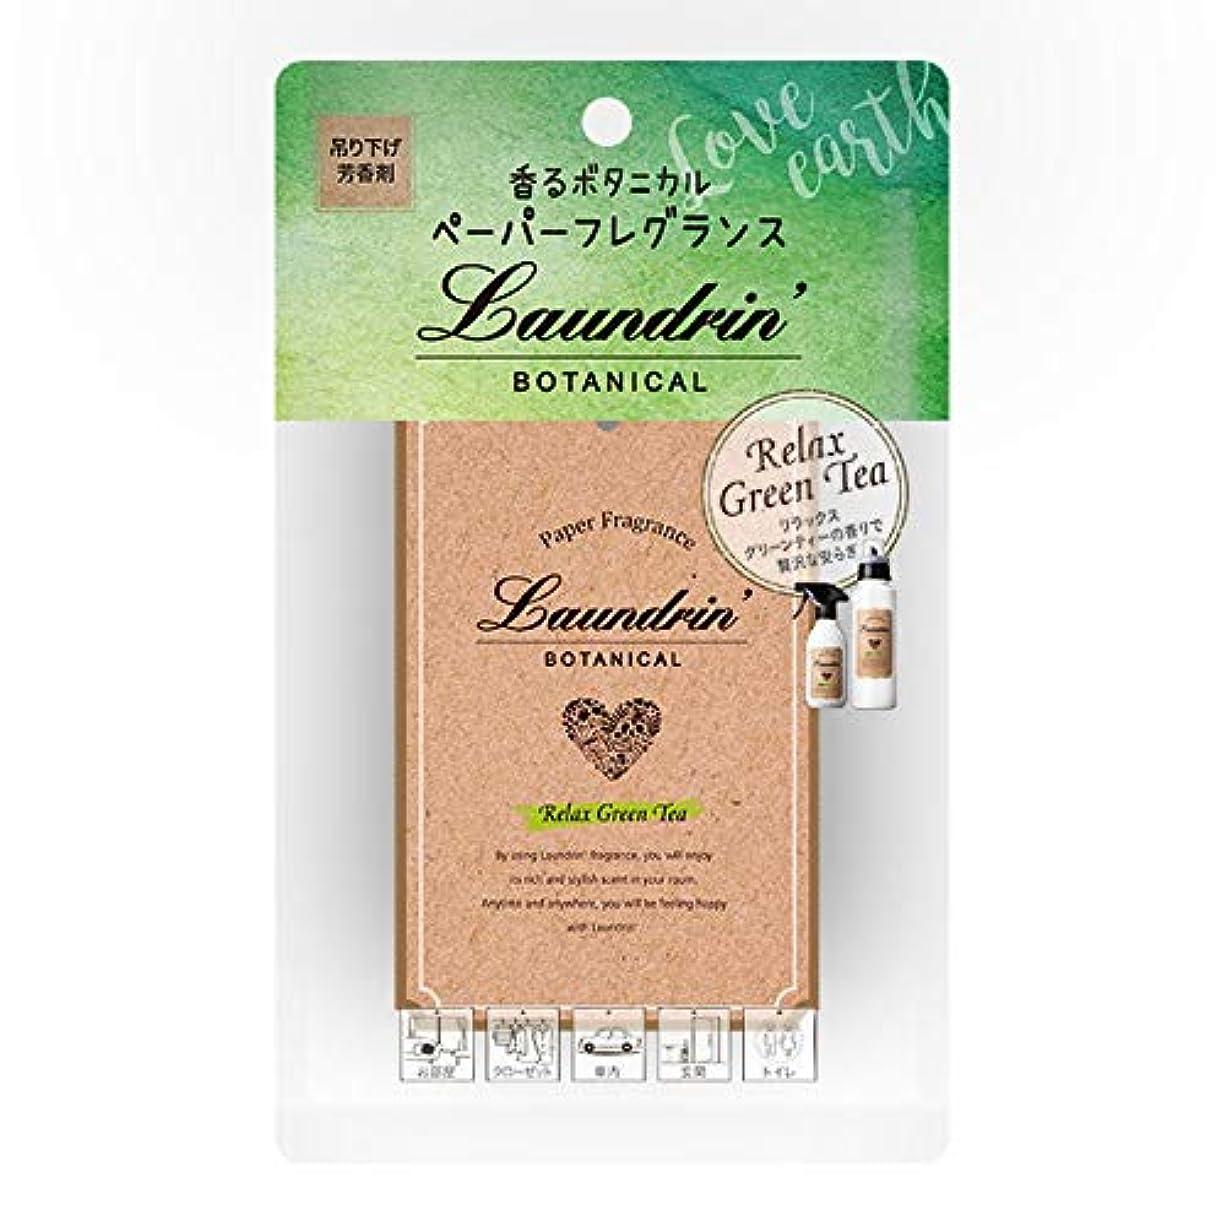 に対してホステスキャンセルランドリン ボタニカル ペーパーフレグランス リラックスグリーンティー (1枚) 芳香剤